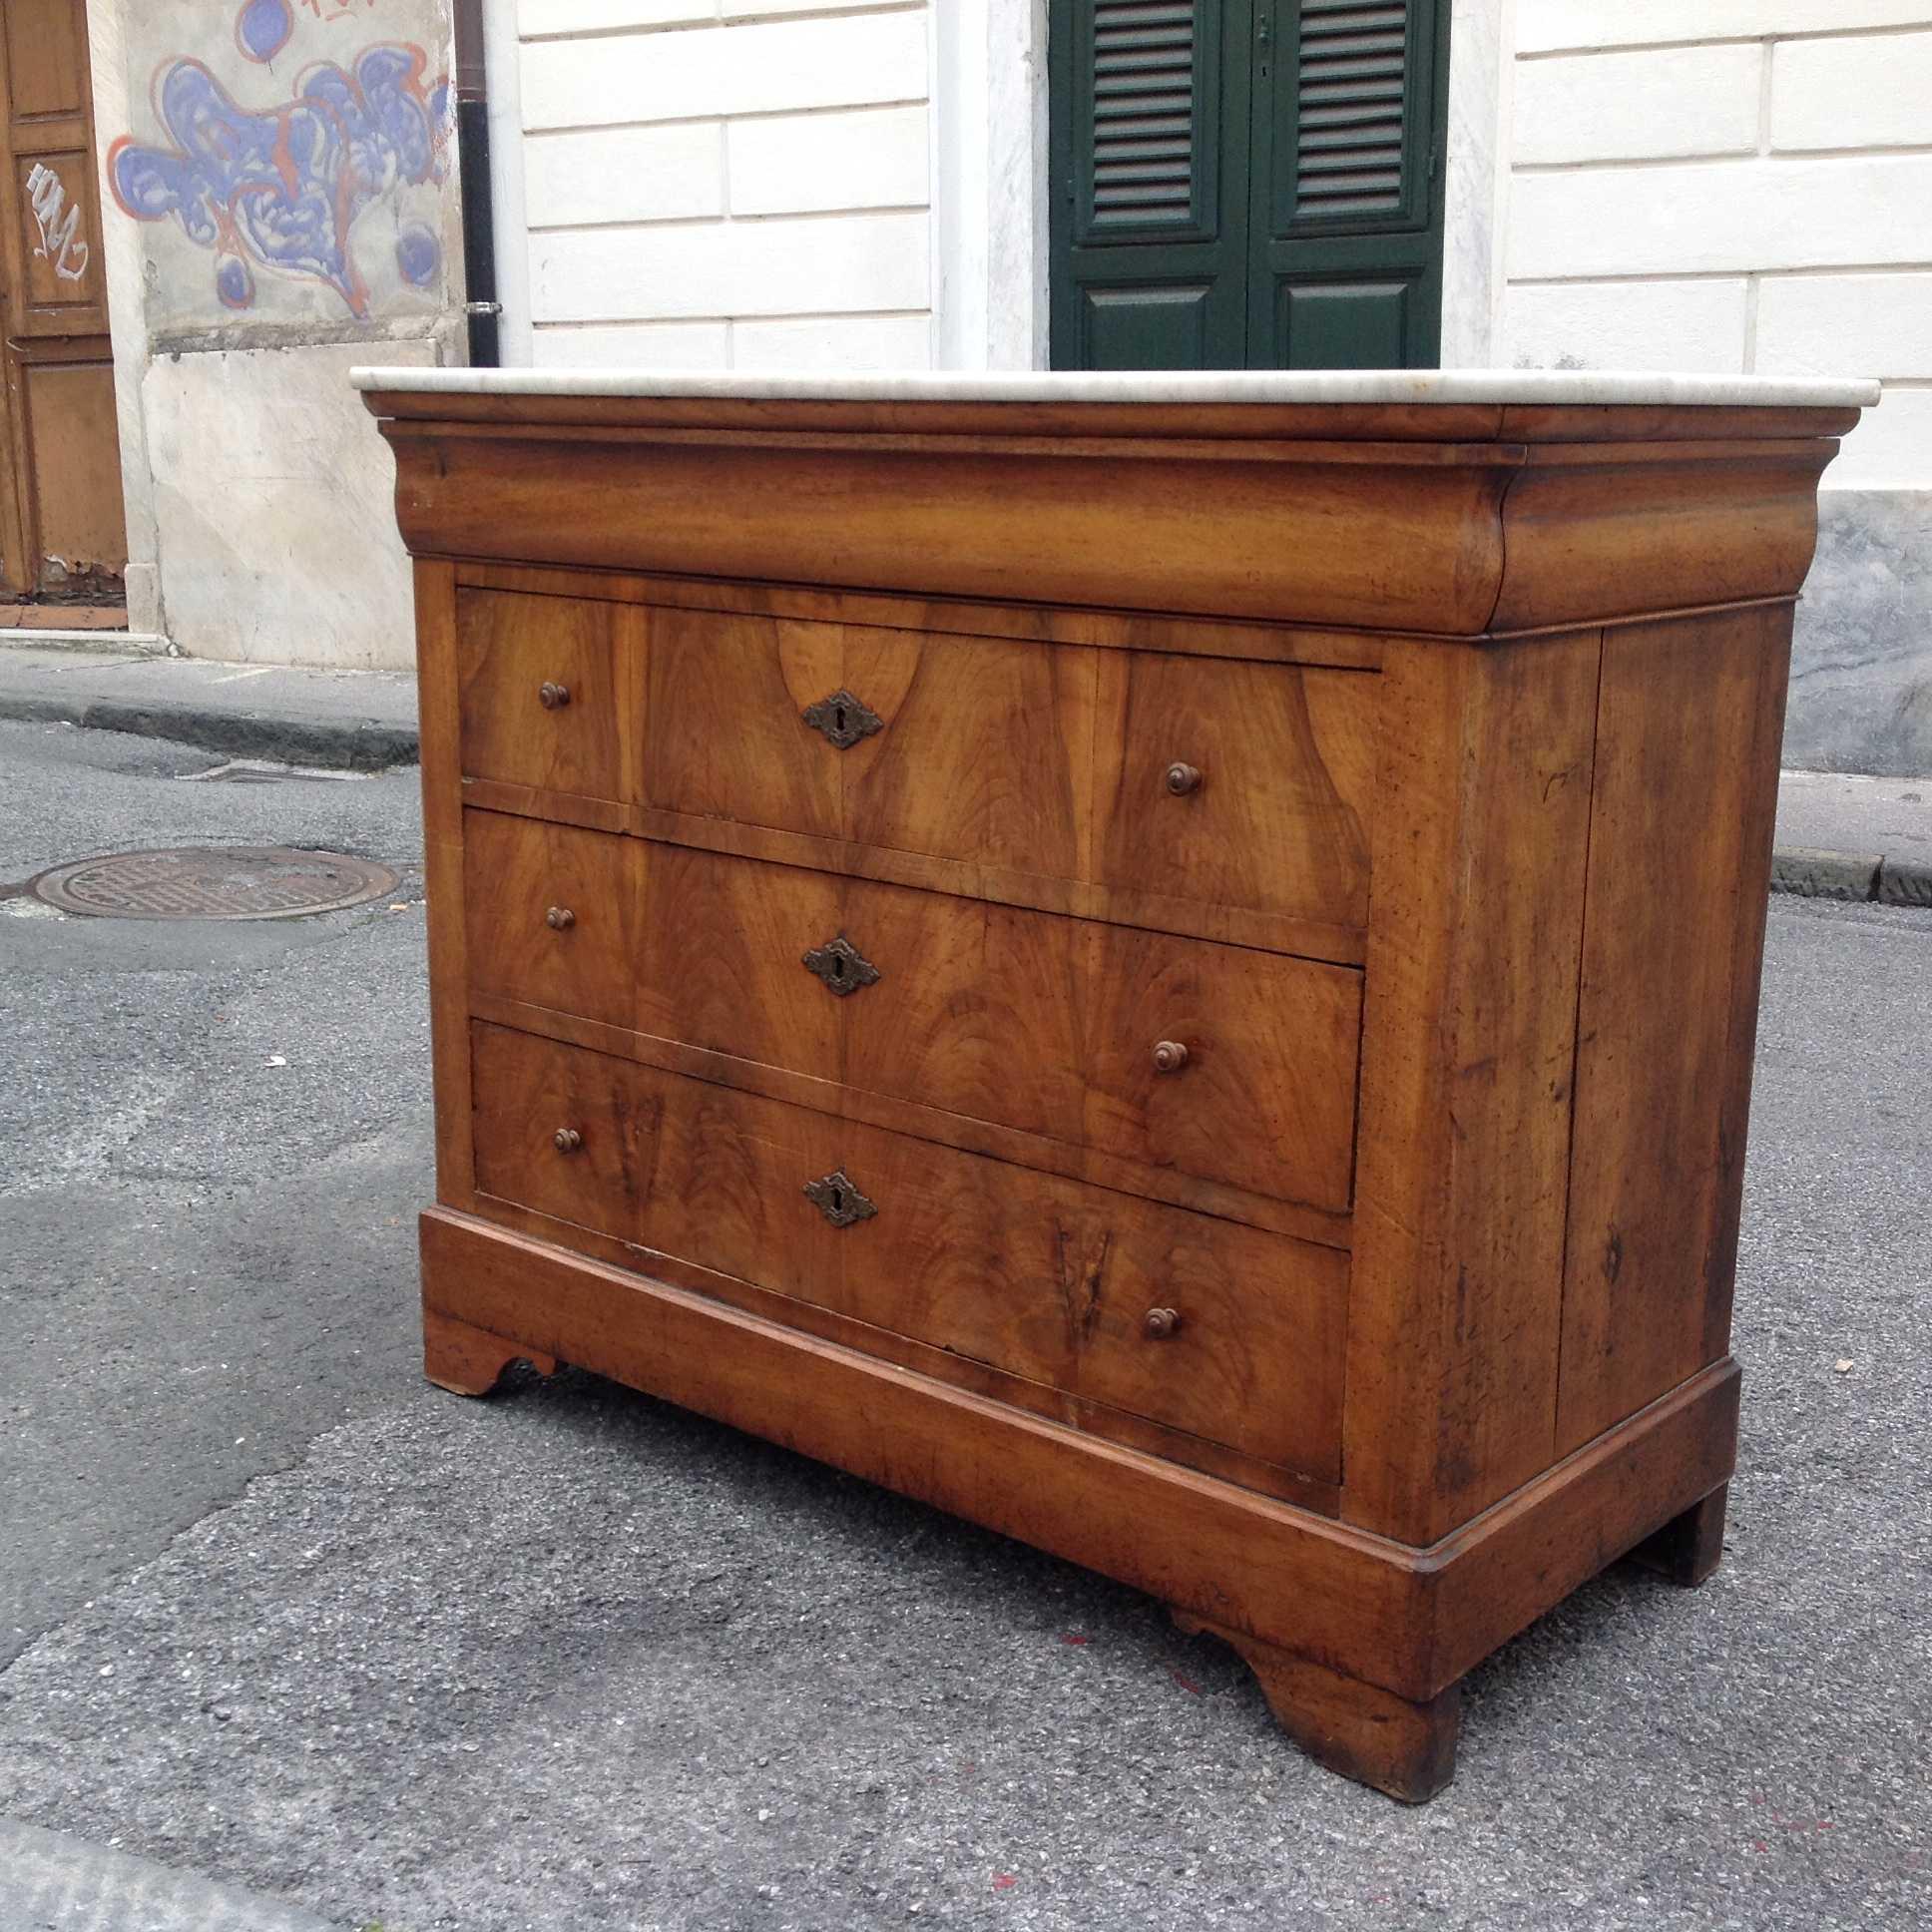 Cassettone cappuccino francia 800 arredamento mobili for Ebay arredamento antiquariato